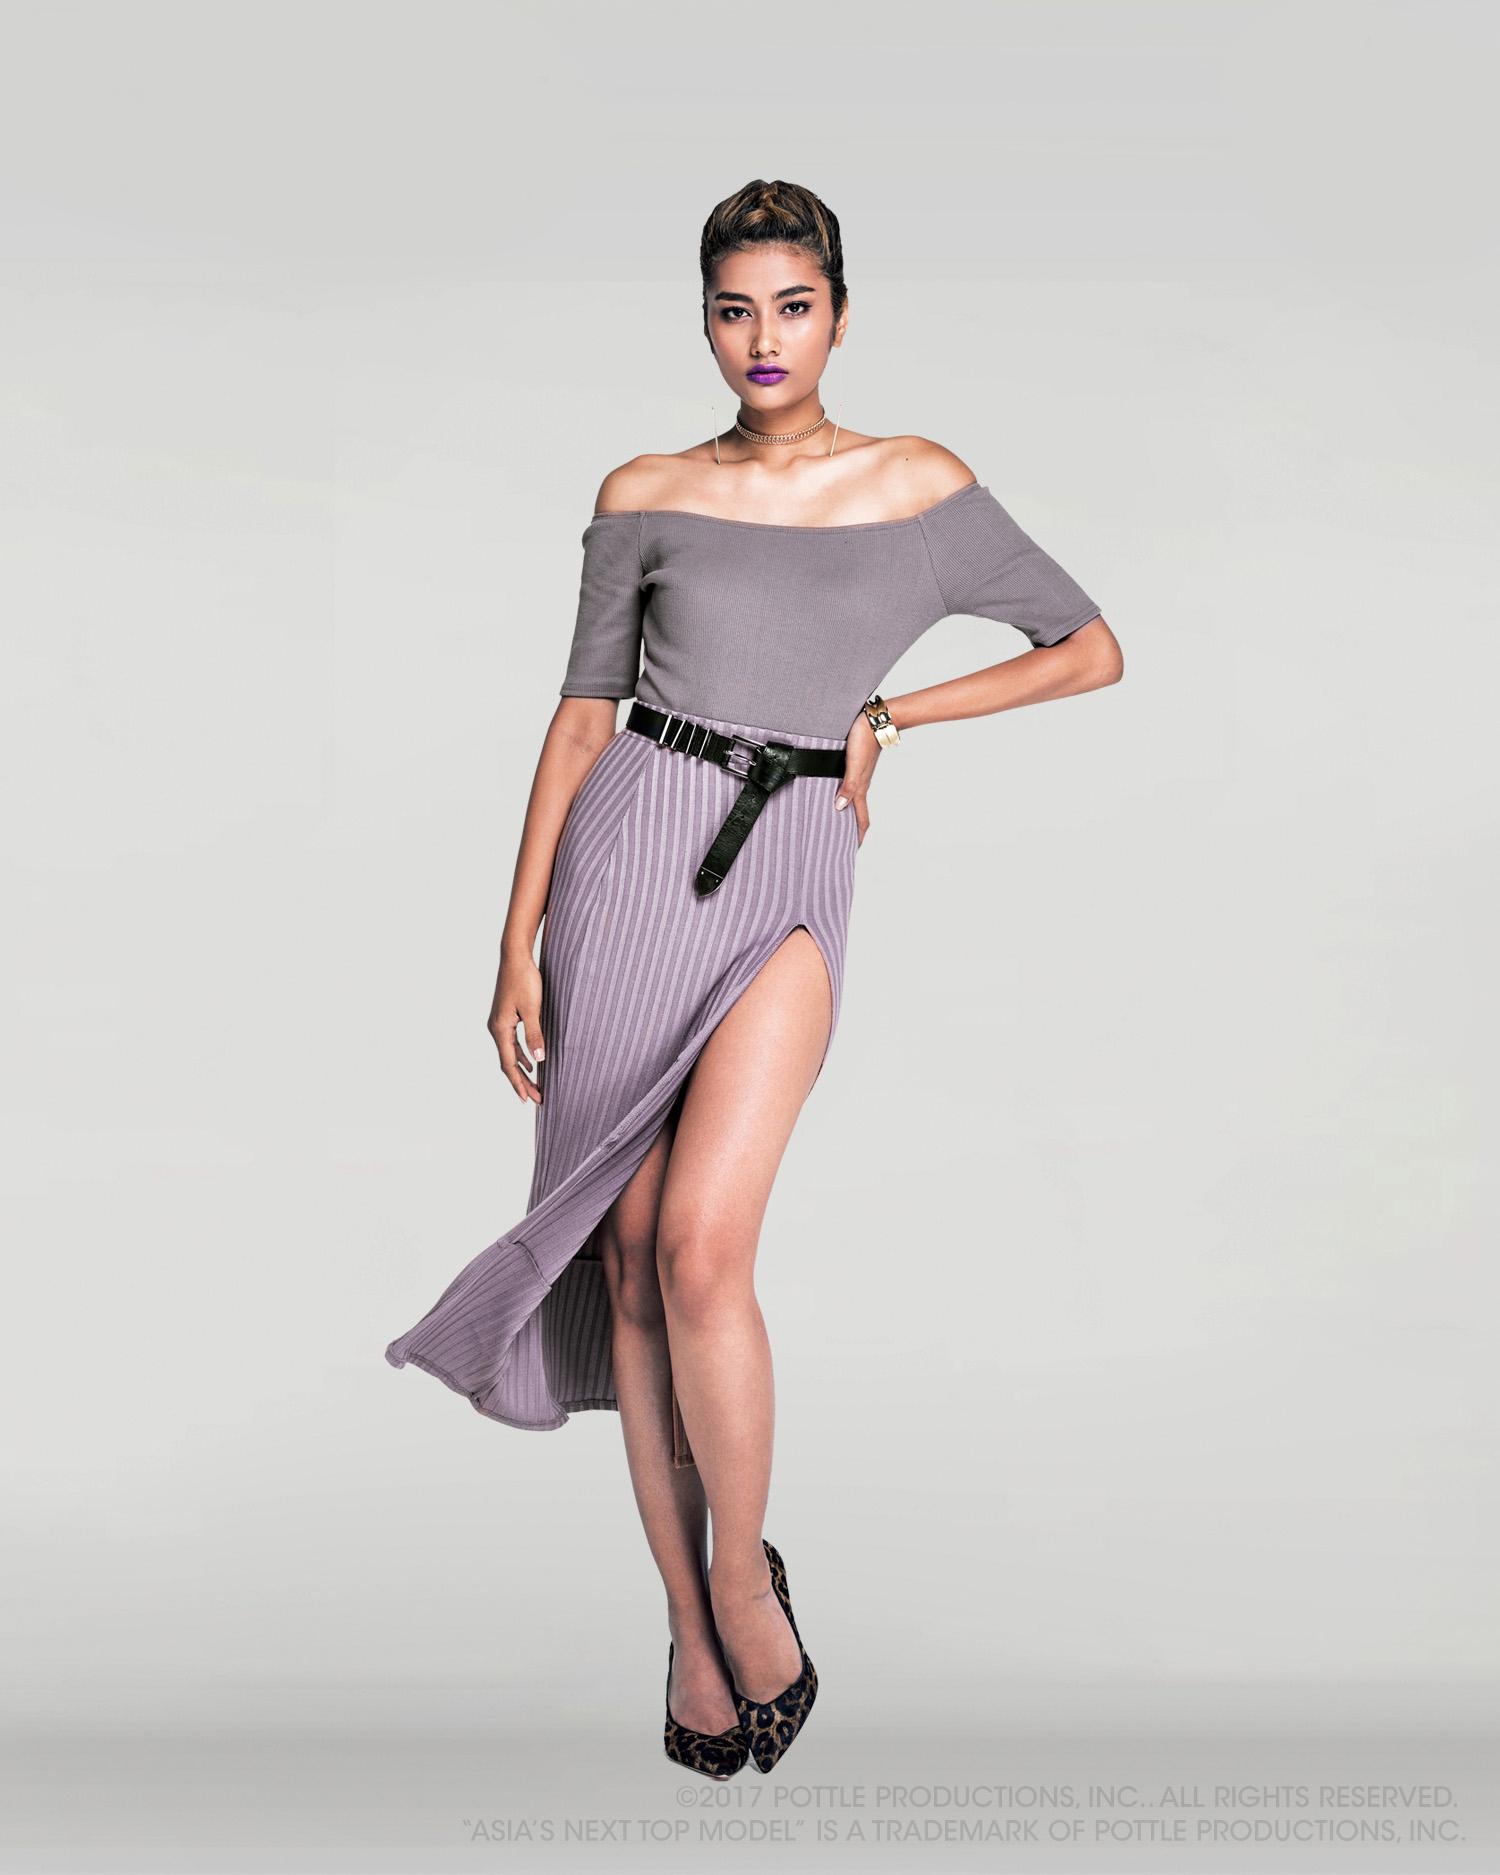 Chính thức: Minh Tú là đại diện Việt Nam tại Asias Next Top Model! - Ảnh 29.